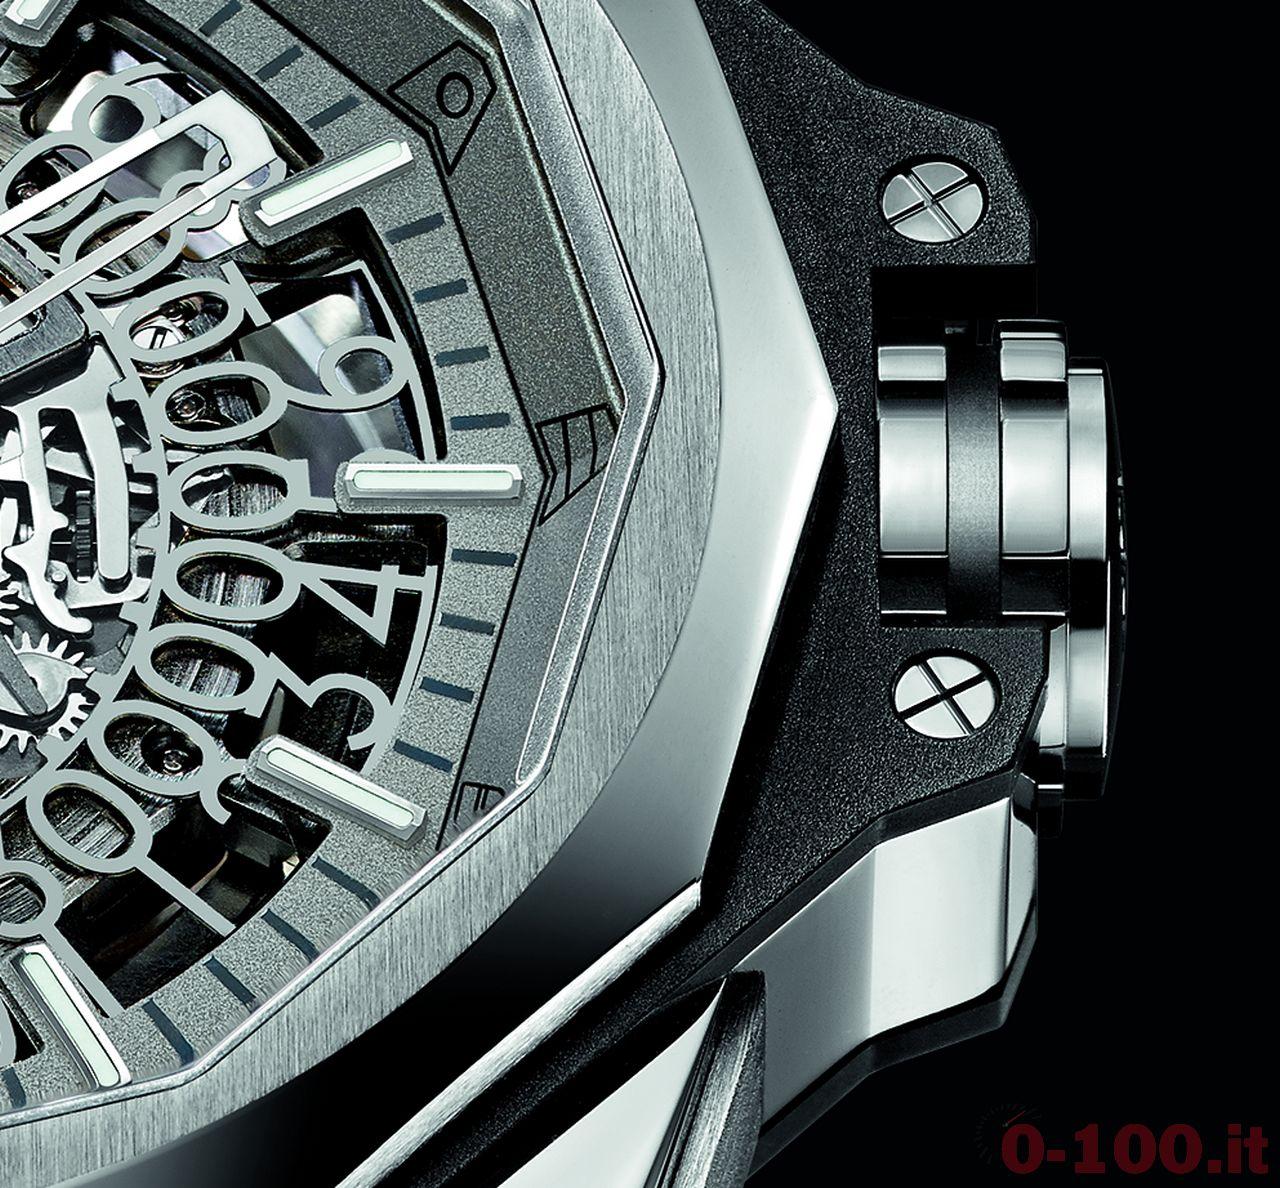 corum-admirals-cup-ac-one-45-squelette-ref-082-401-040f01-fh10-prezzo-price-0-100_1